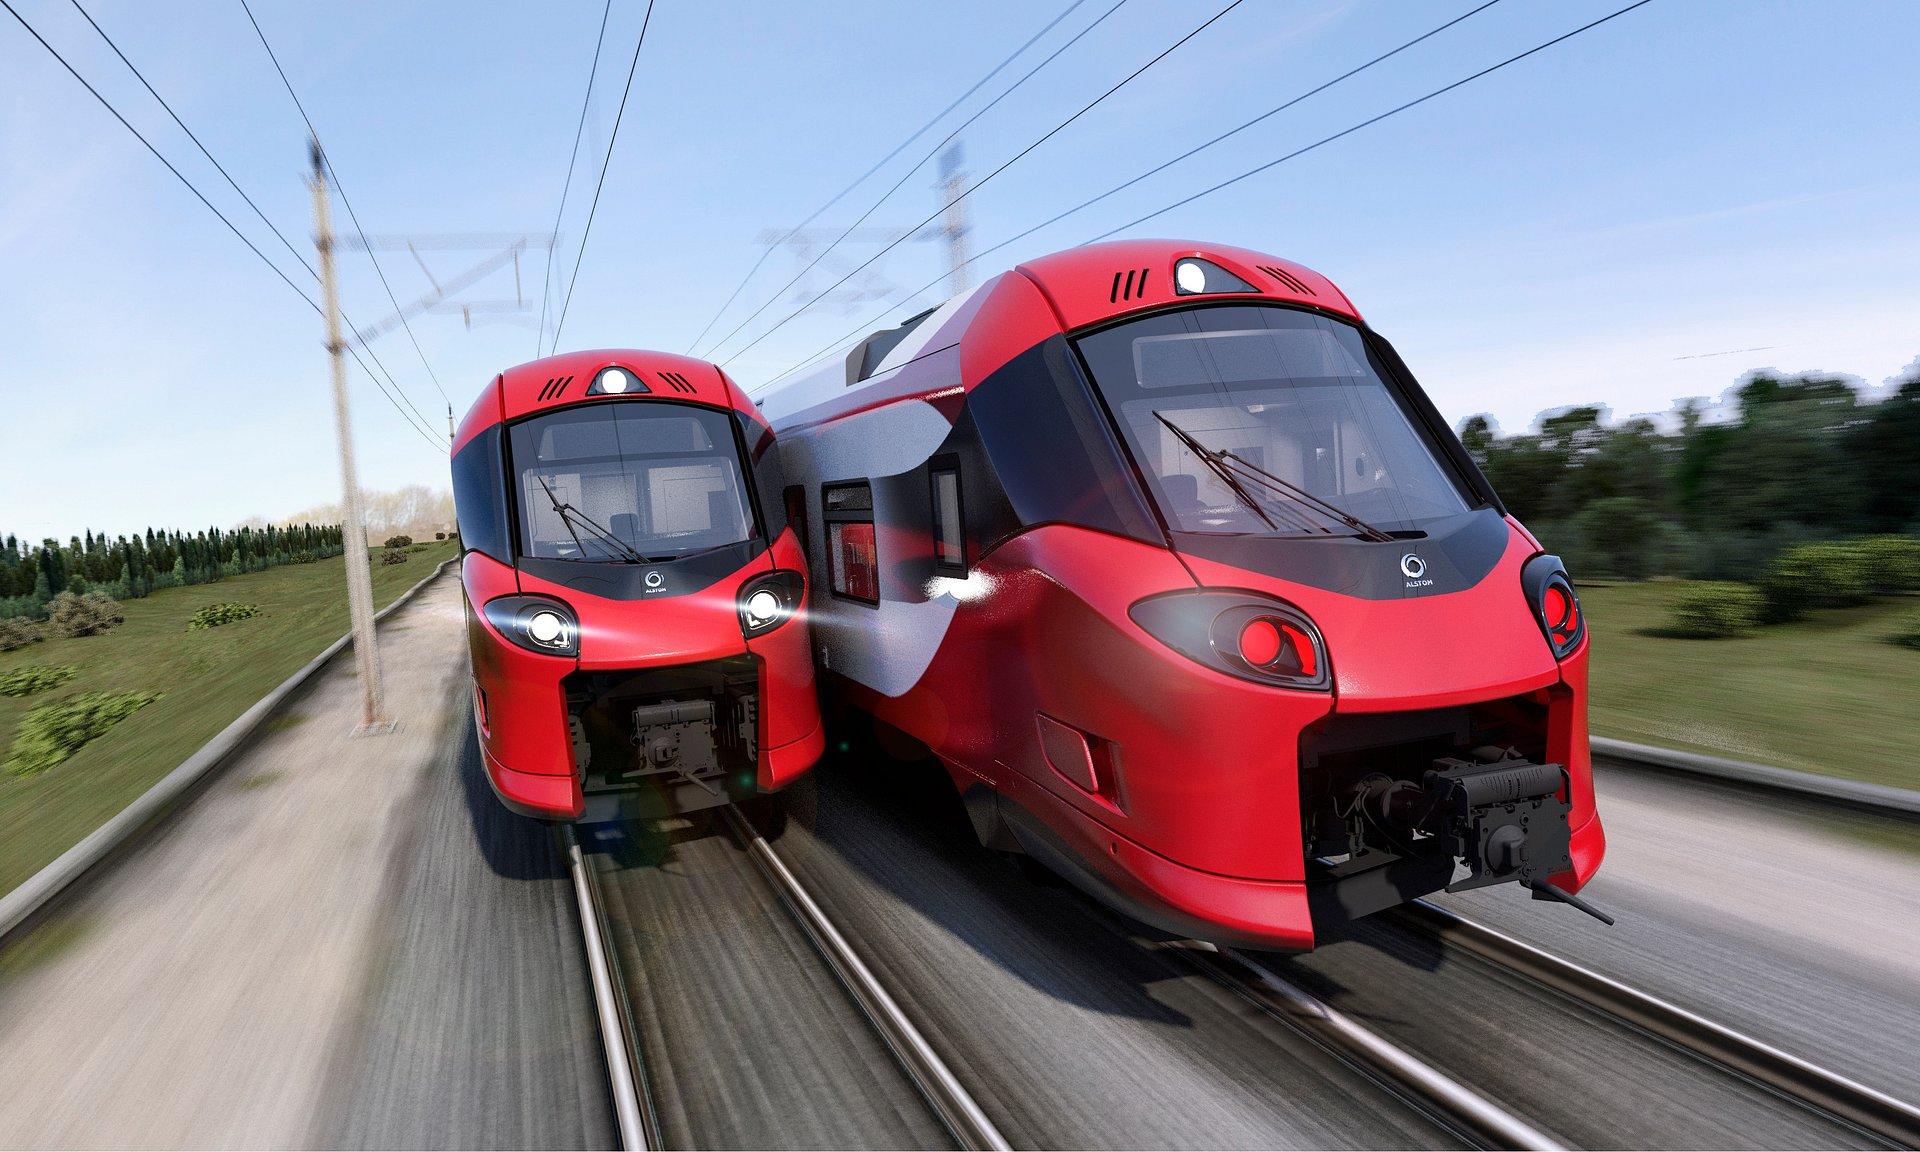 Alstom dostarczy nowe pociągi regionalne dla CFL w Luksemburgu